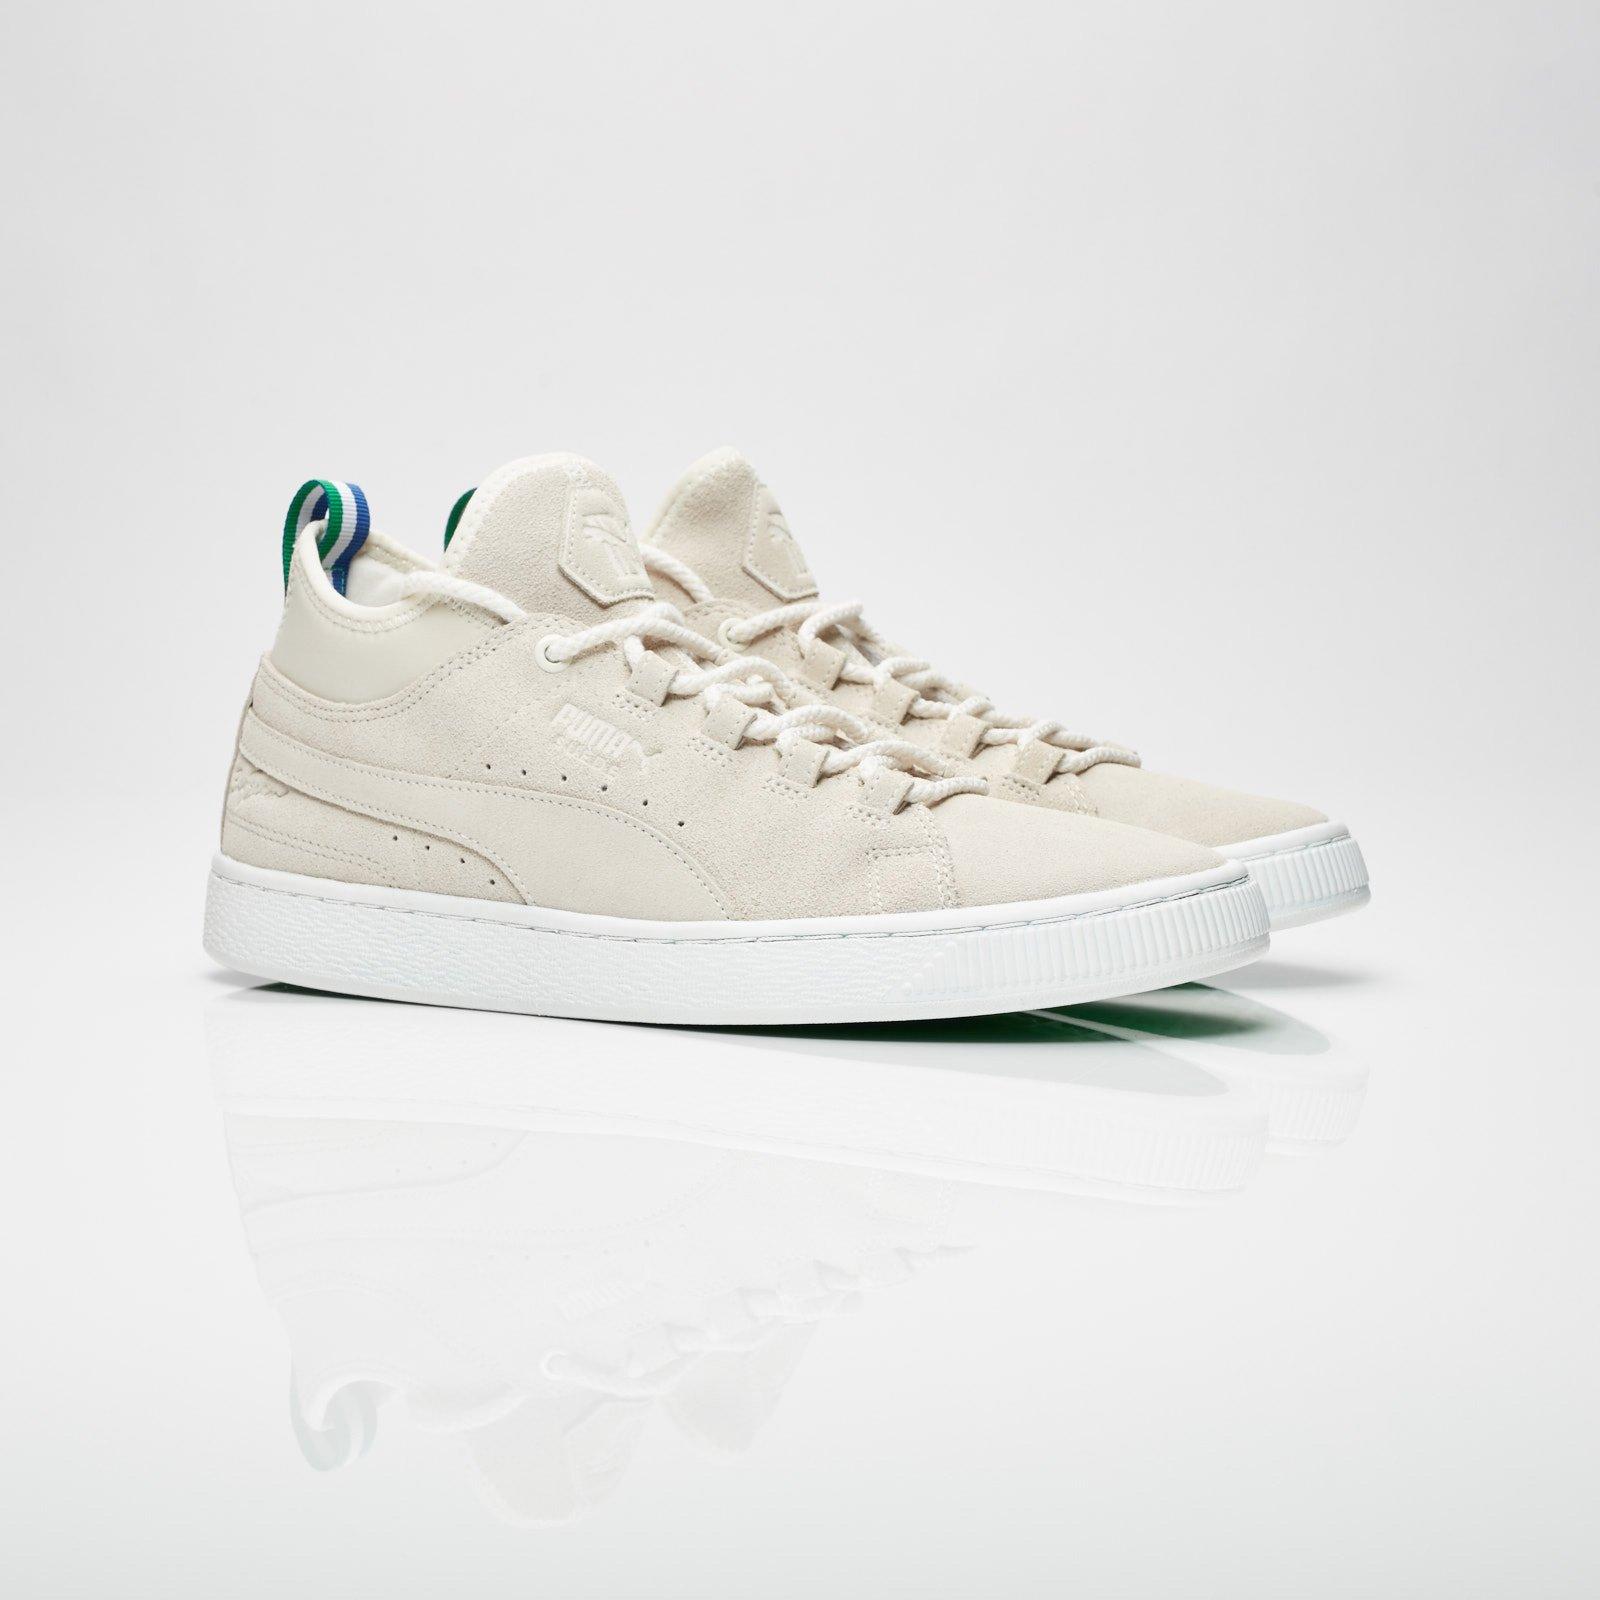 Puma Suede Classic x Big Sean - 366300-01 - Sneakersnstuff ... 89108e6f9